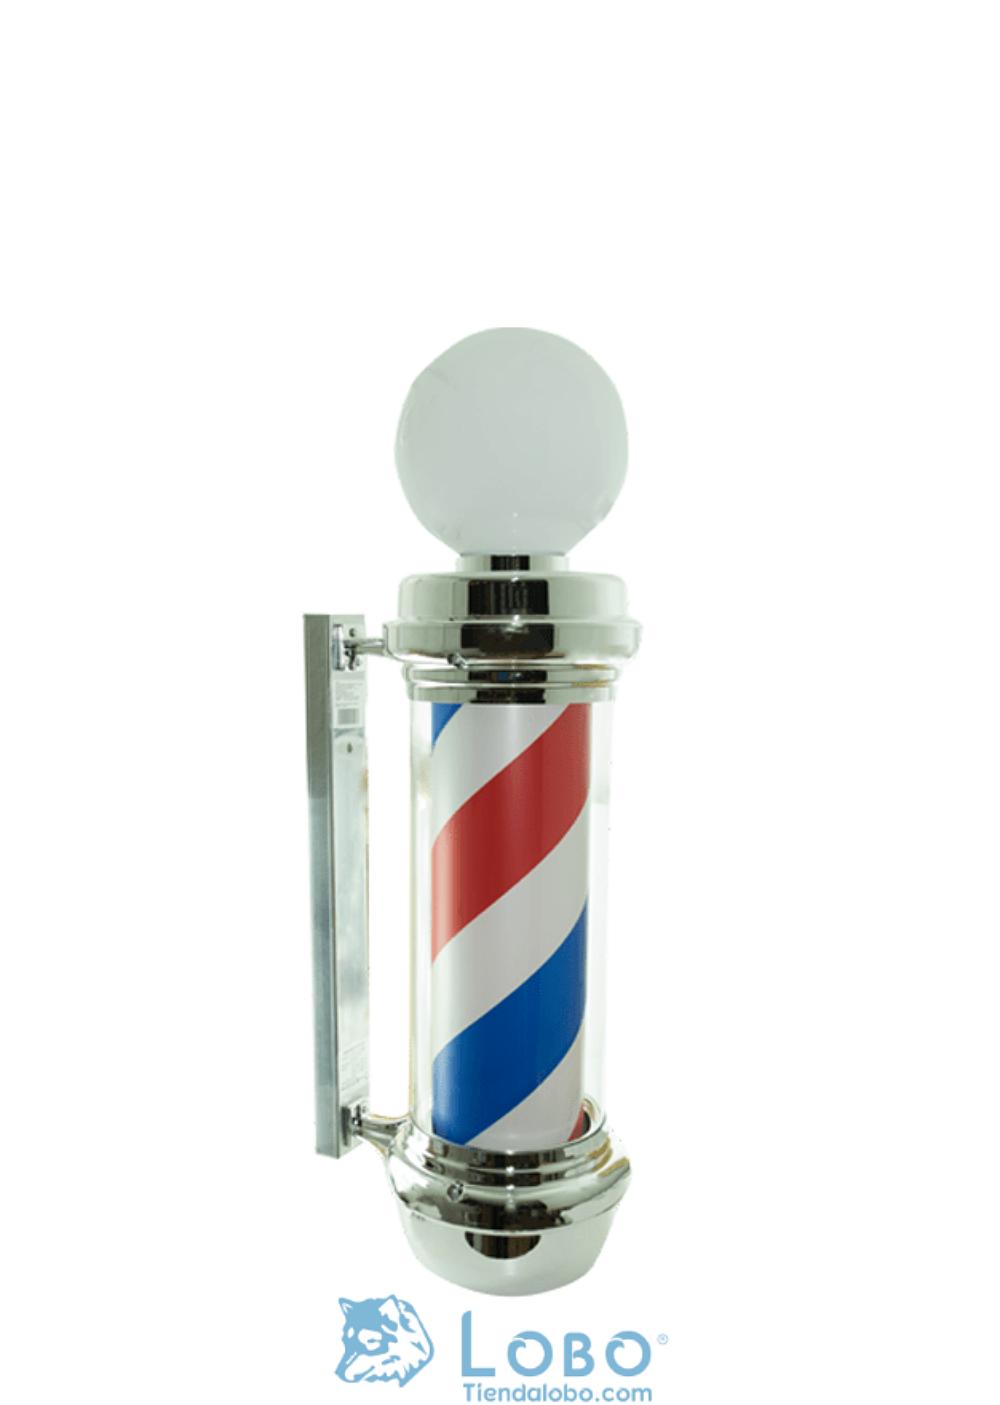 Caramelo barber shop tiendalobo.com